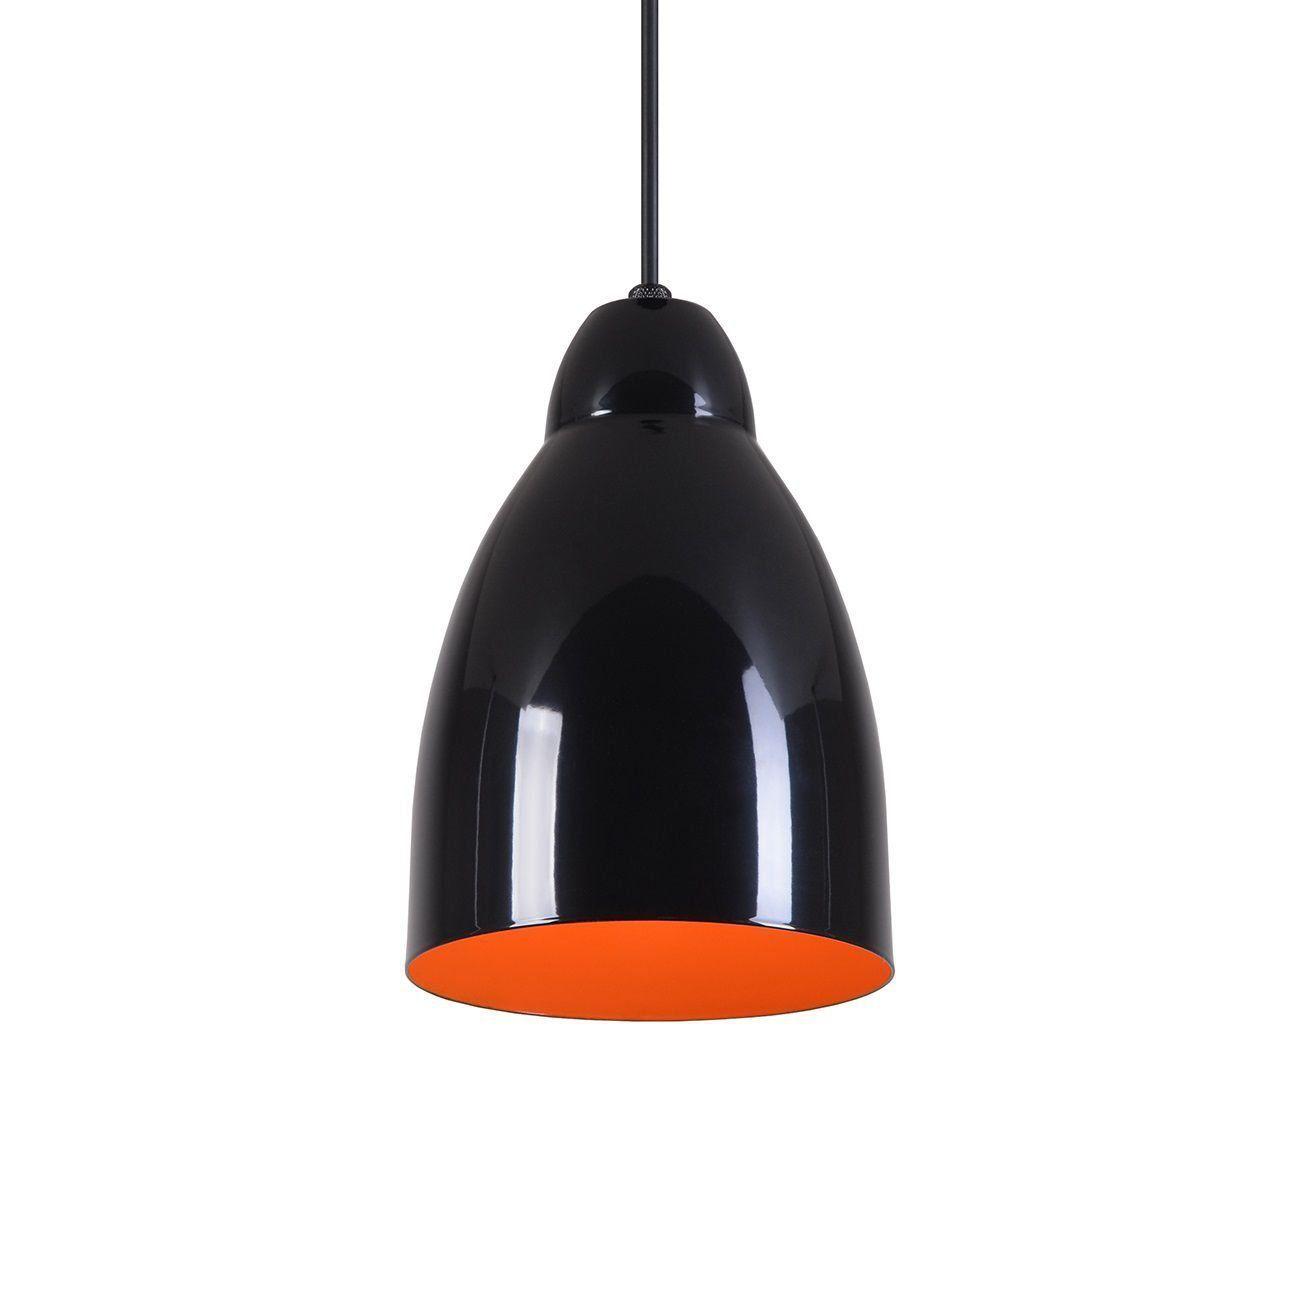 Pendente Bala Luminária Lustre Alumínio Preto Brilhante C/ Laranja - Rei Da Iluminação